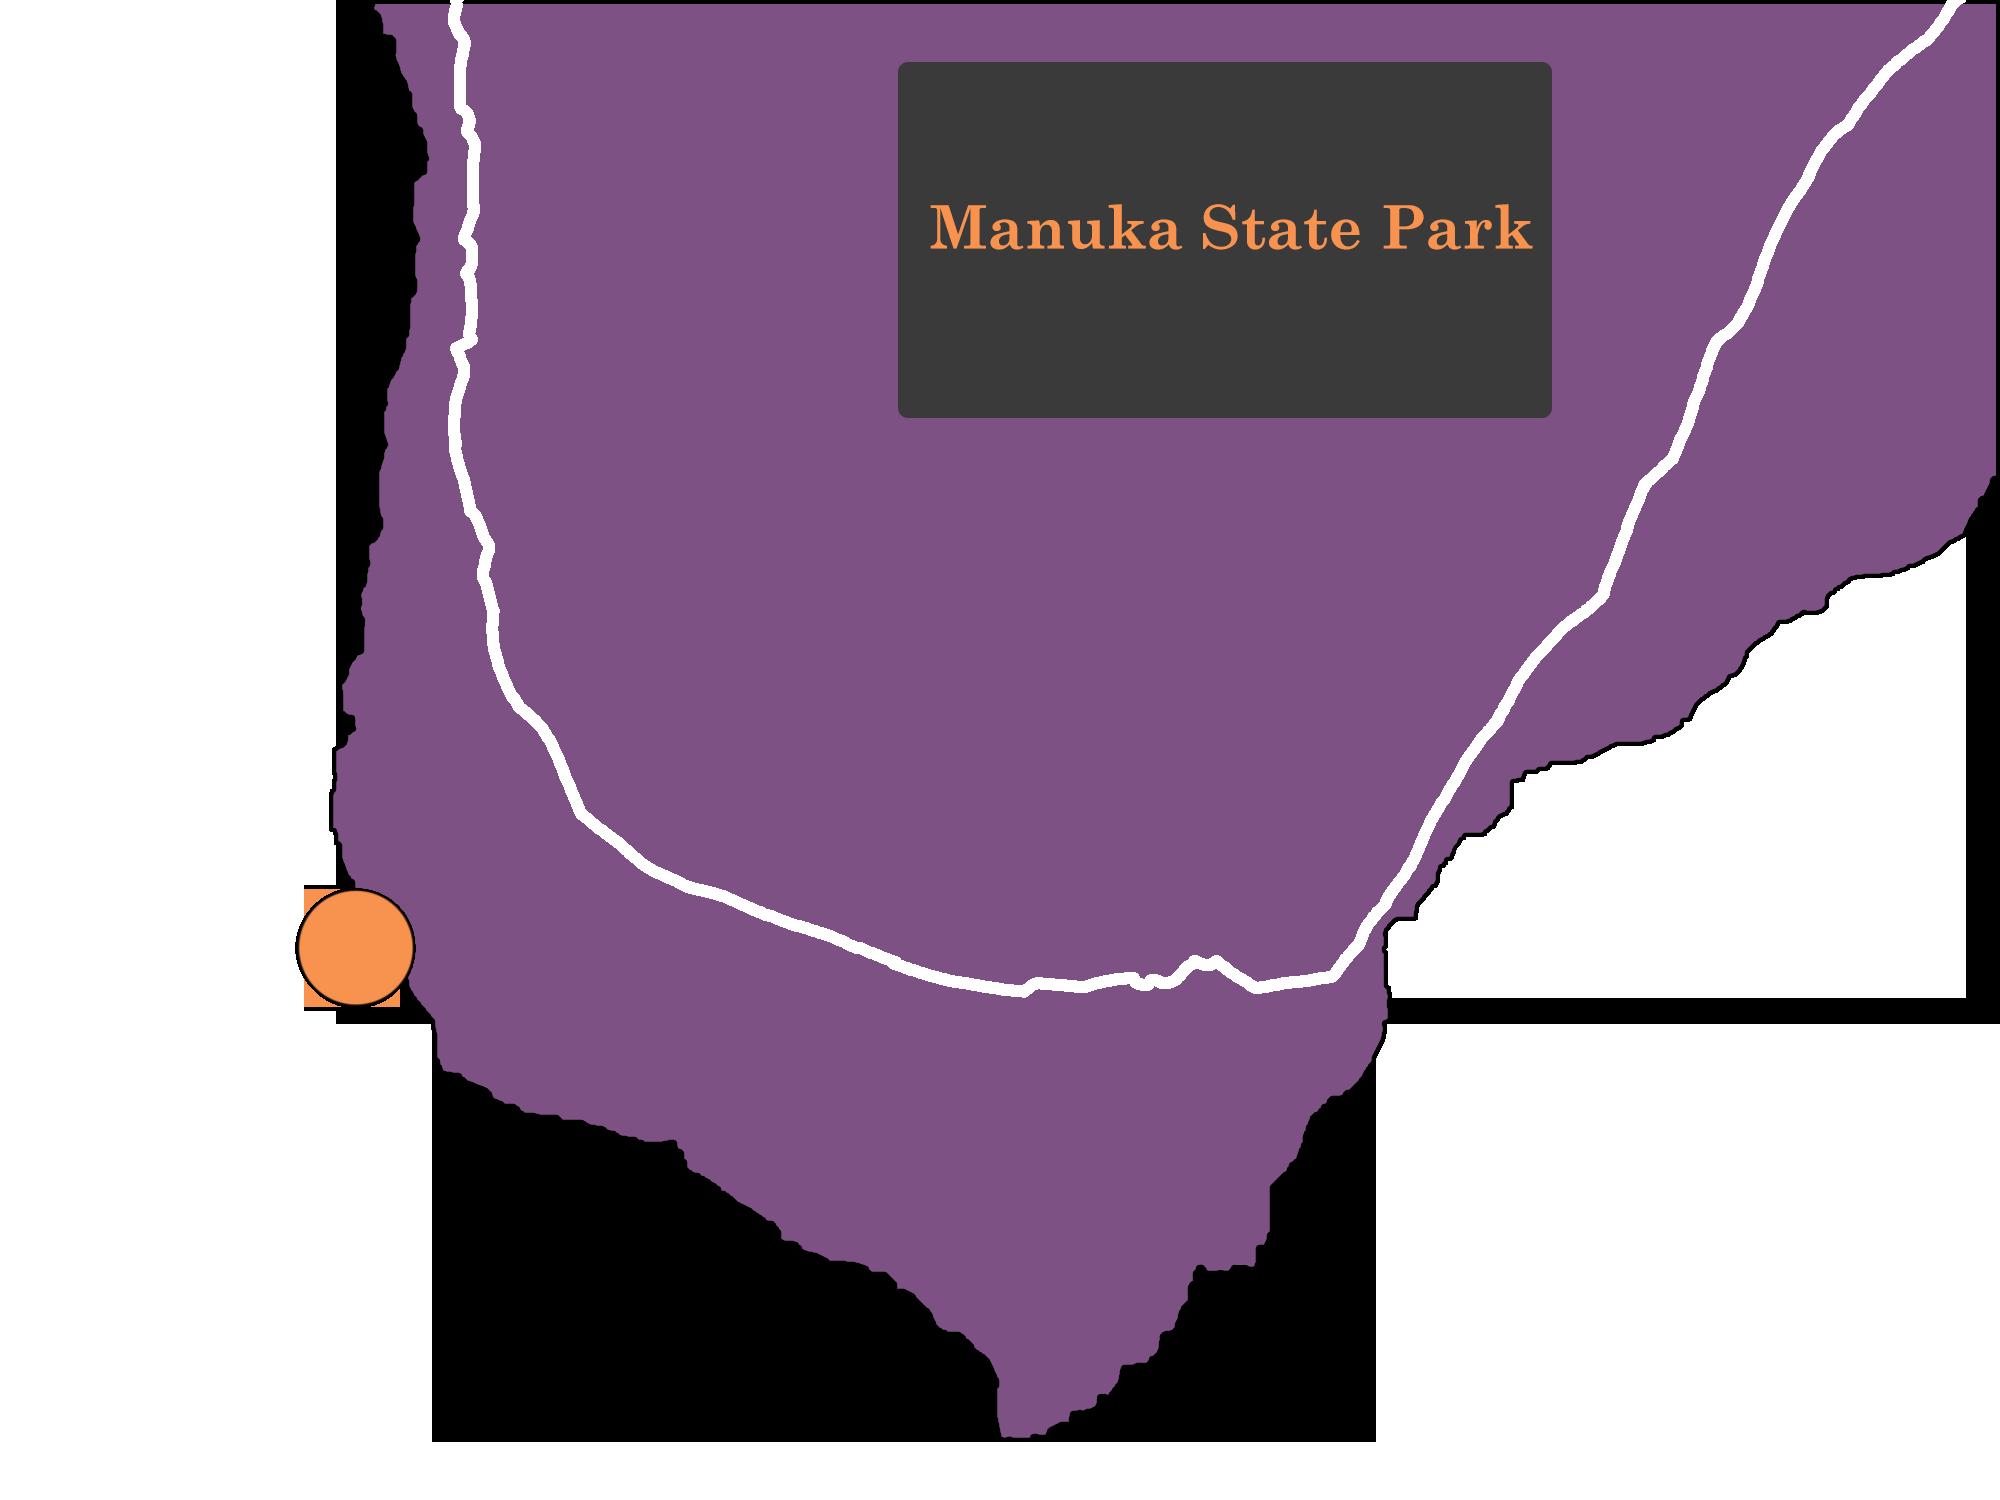 ManukaKauMap.png